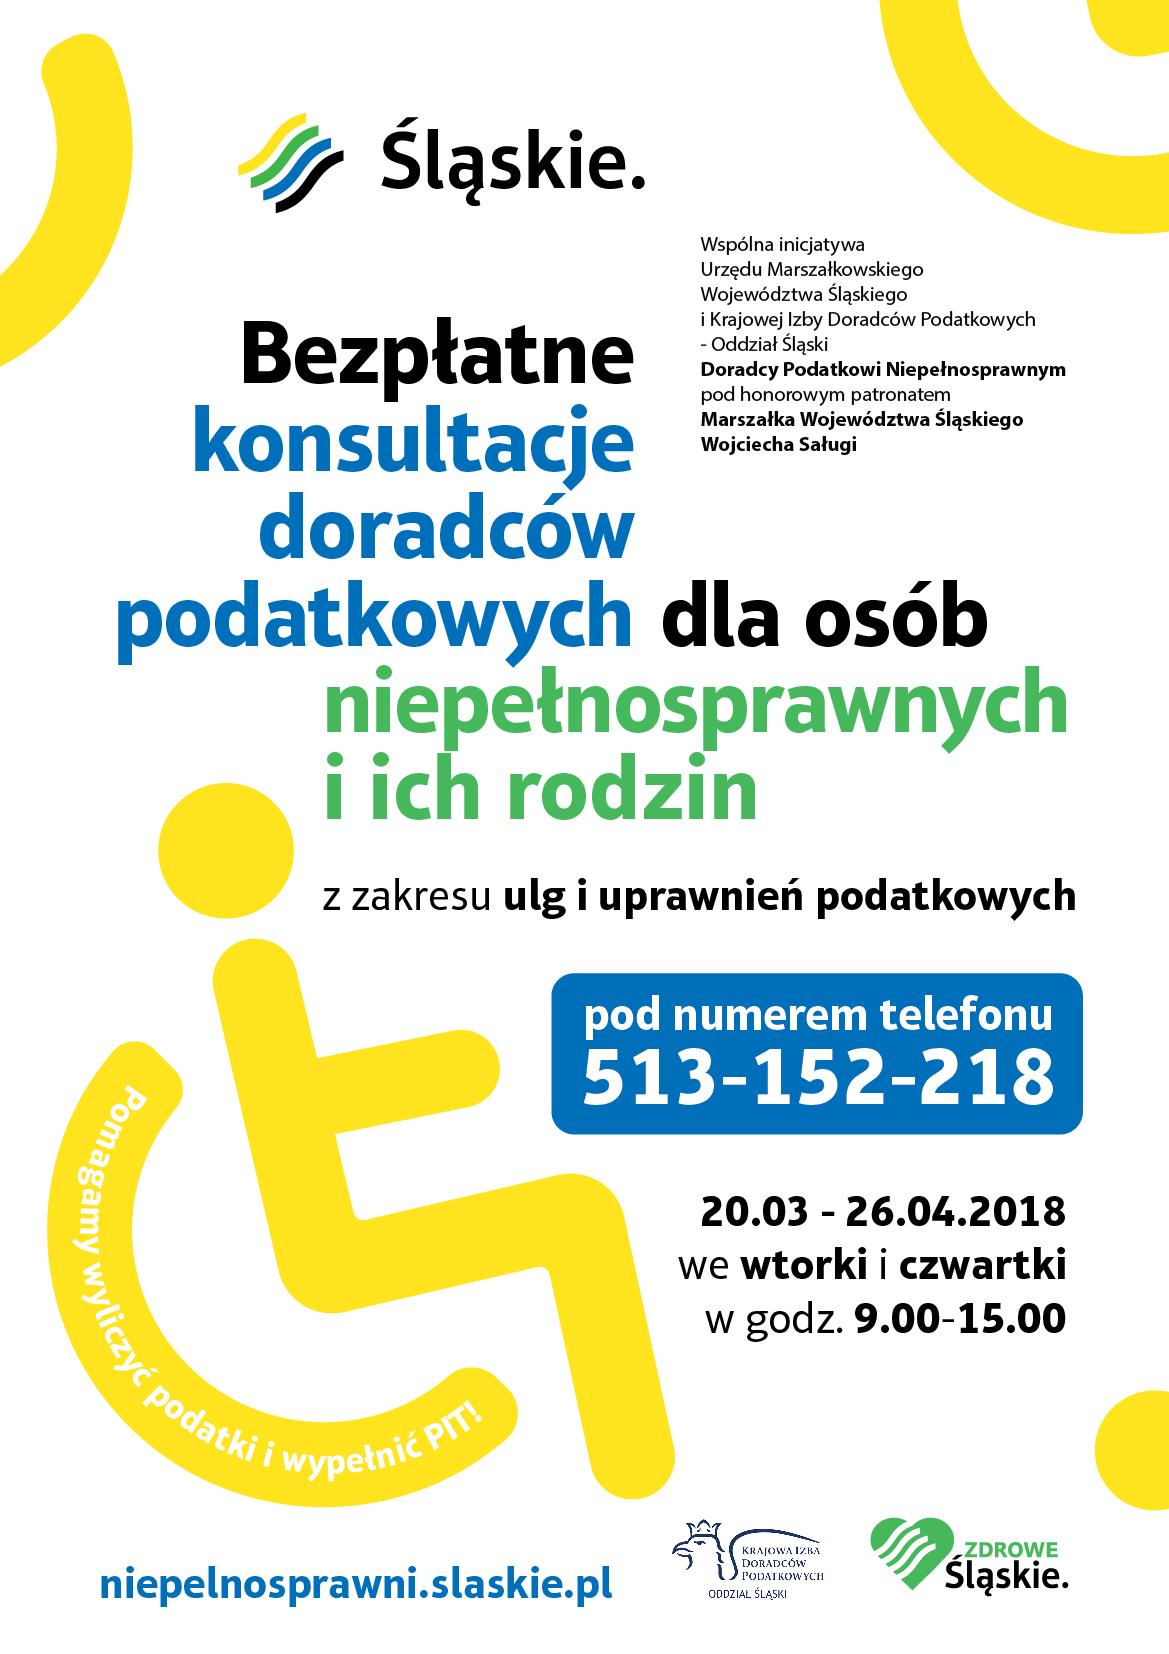 Bezpłatne konsultacje doradców podatkowych dla osób niepełnosprawnych